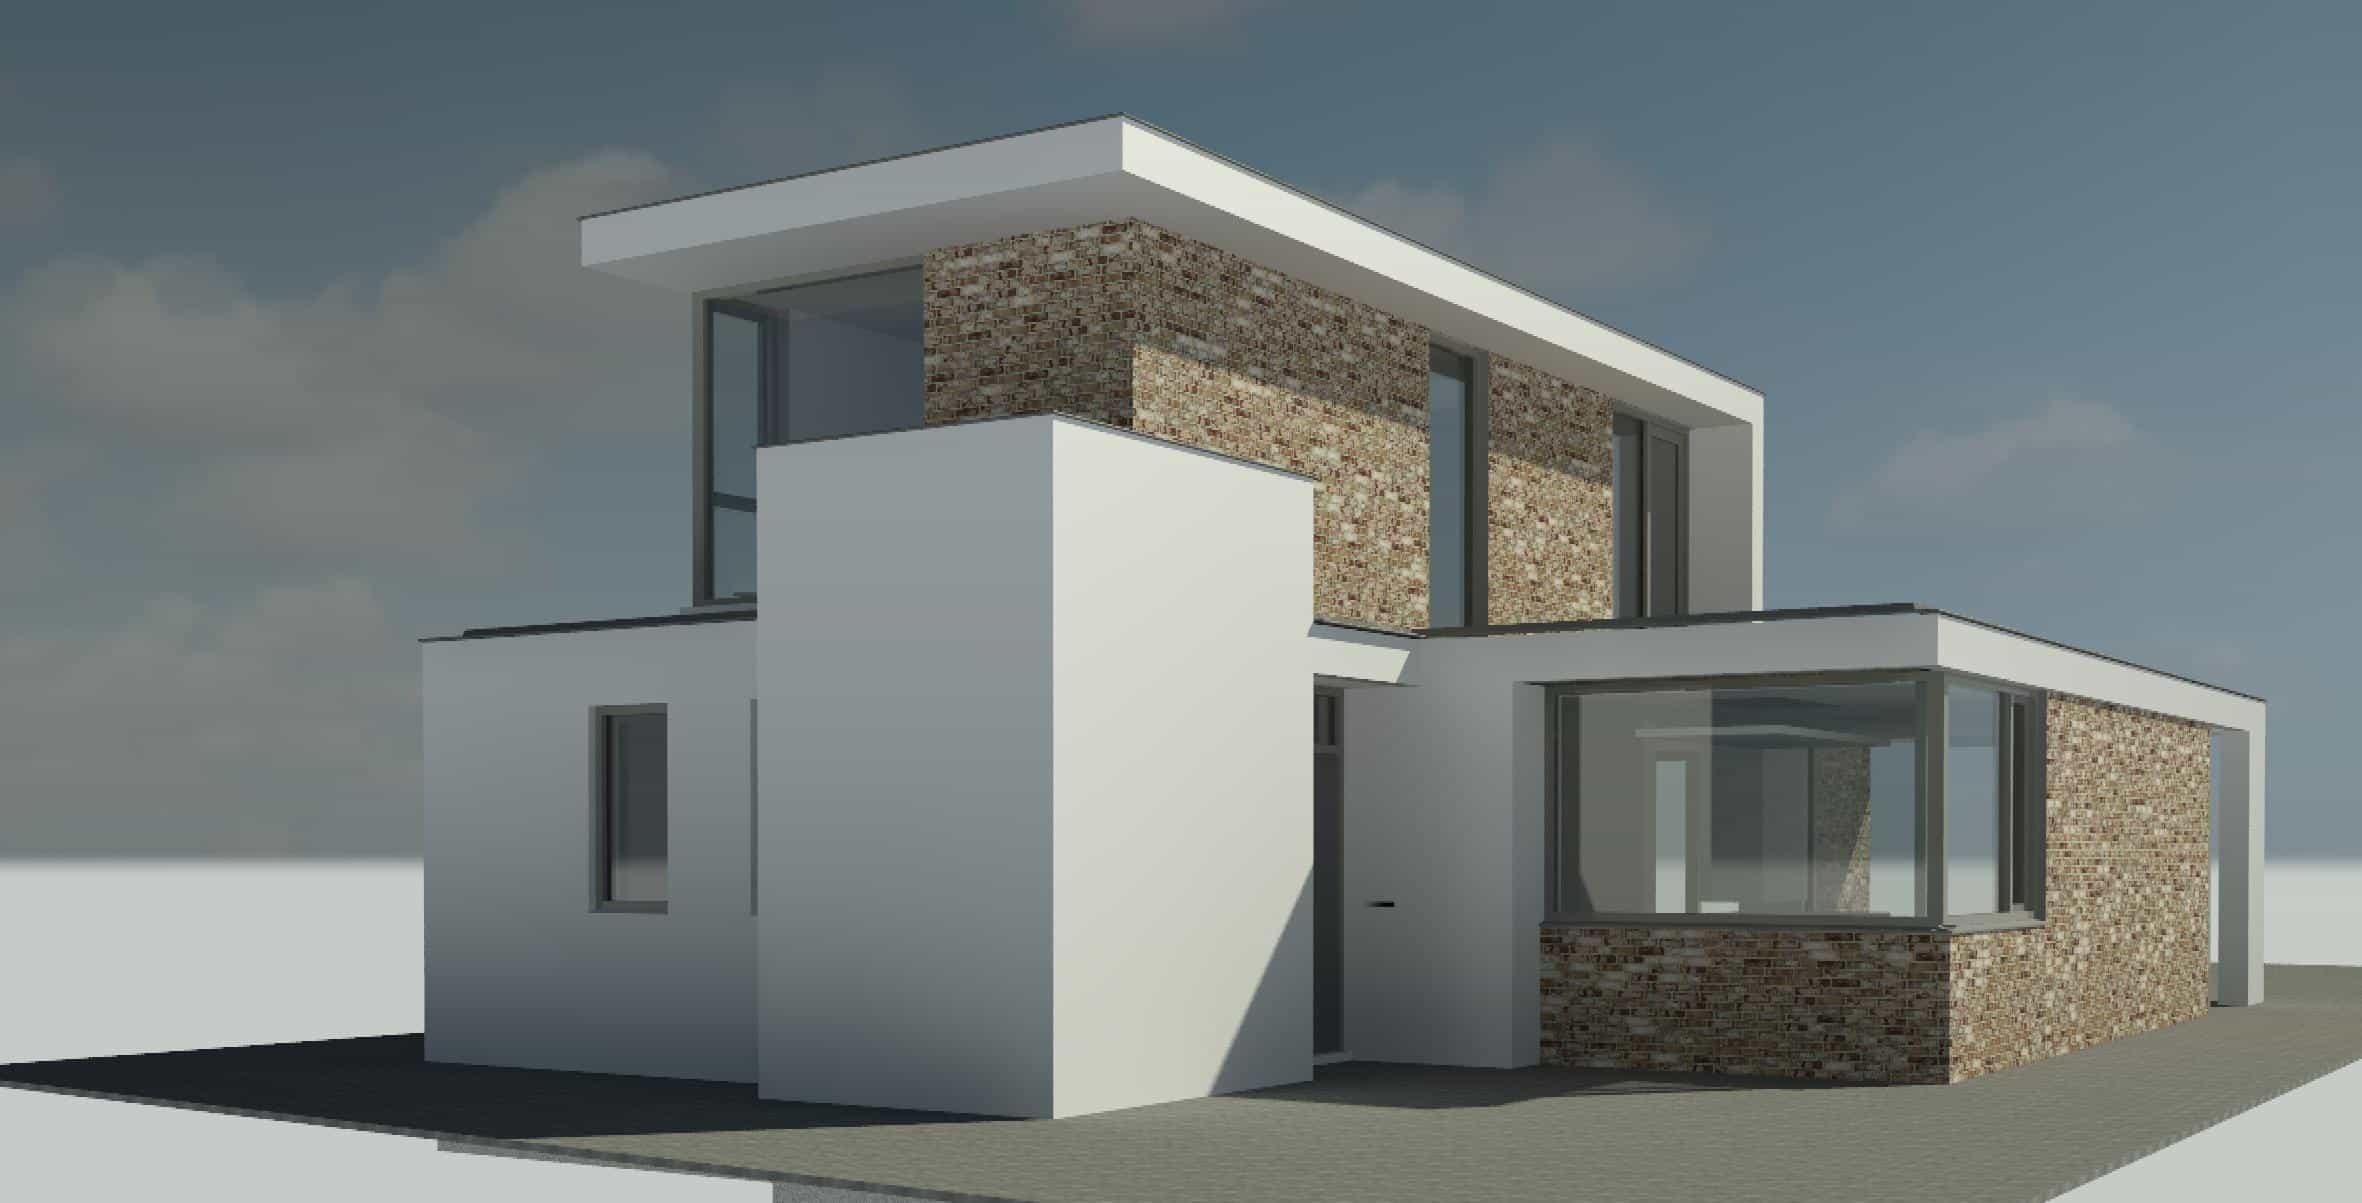 Wit gestuukte moderne woning in plan vaart alkmaar moderne woning nico dekker ontwerp - Foto gevel moderne villa ...